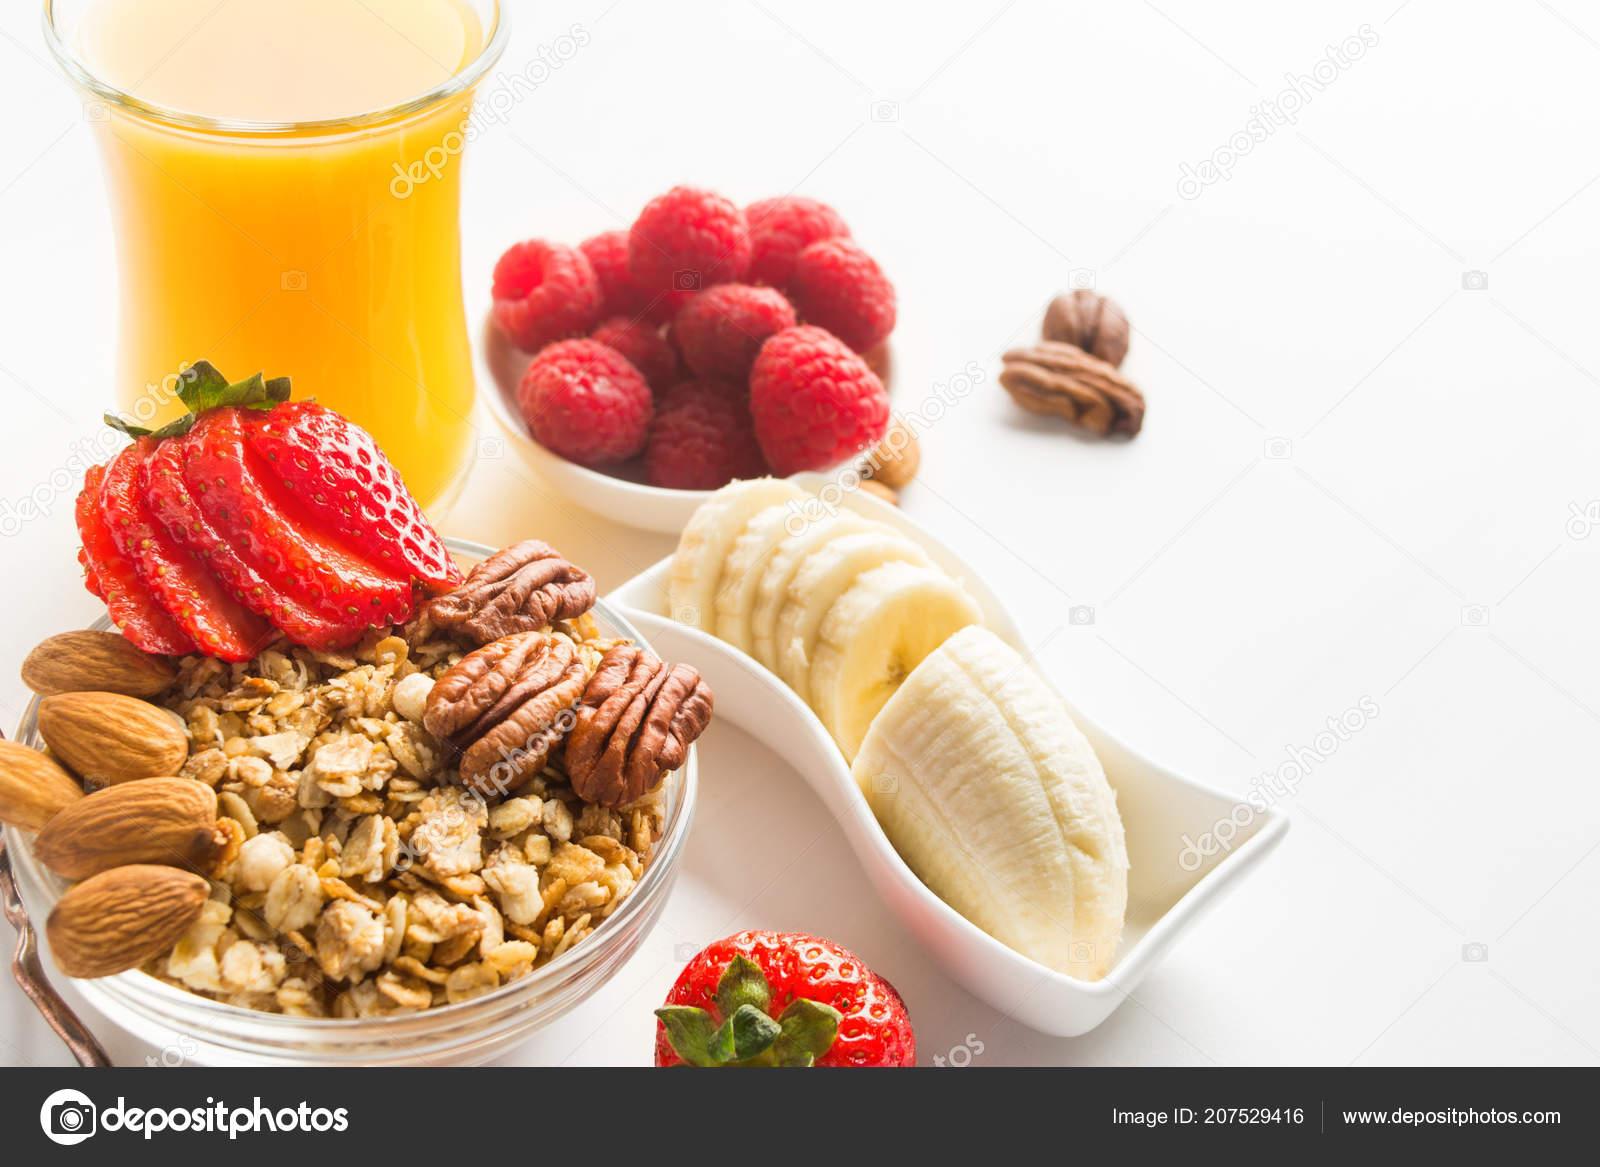 Granola Fait Maison Pour Petit Dejeuner Sain Avec Des Baies Image Libre De Droit Par Karlevana Gmail Com C 207529416